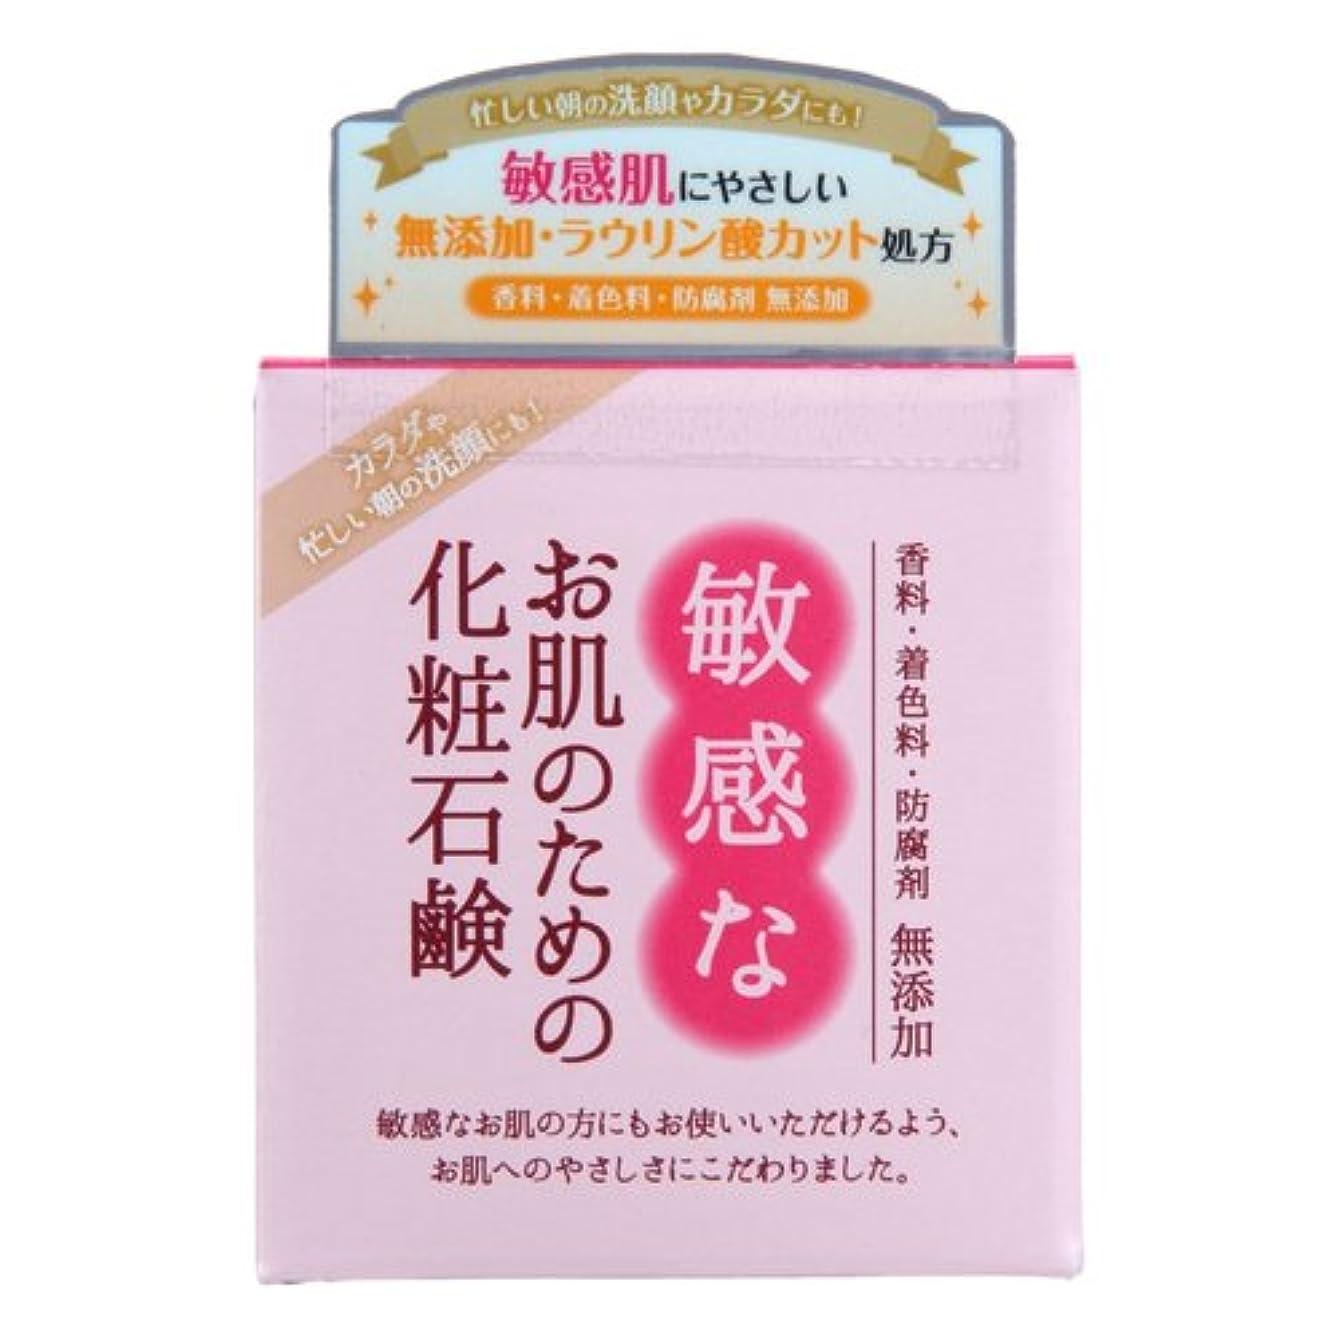 伝染性バウンス汚れる敏感なお肌のための化粧石鹸 100g CBH-S